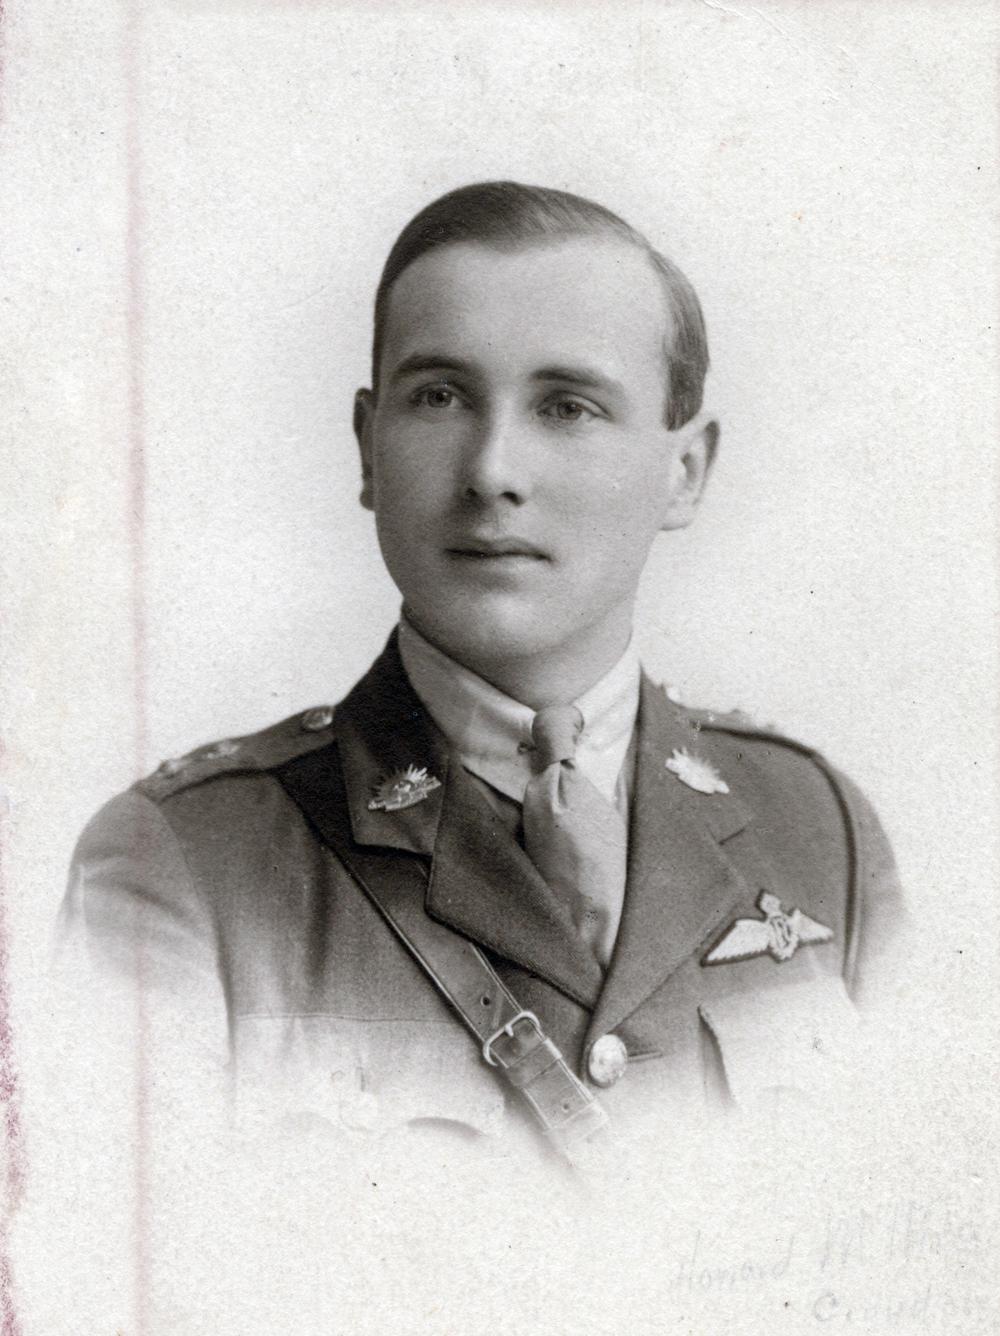 Bill Lancaster RAF.jpg